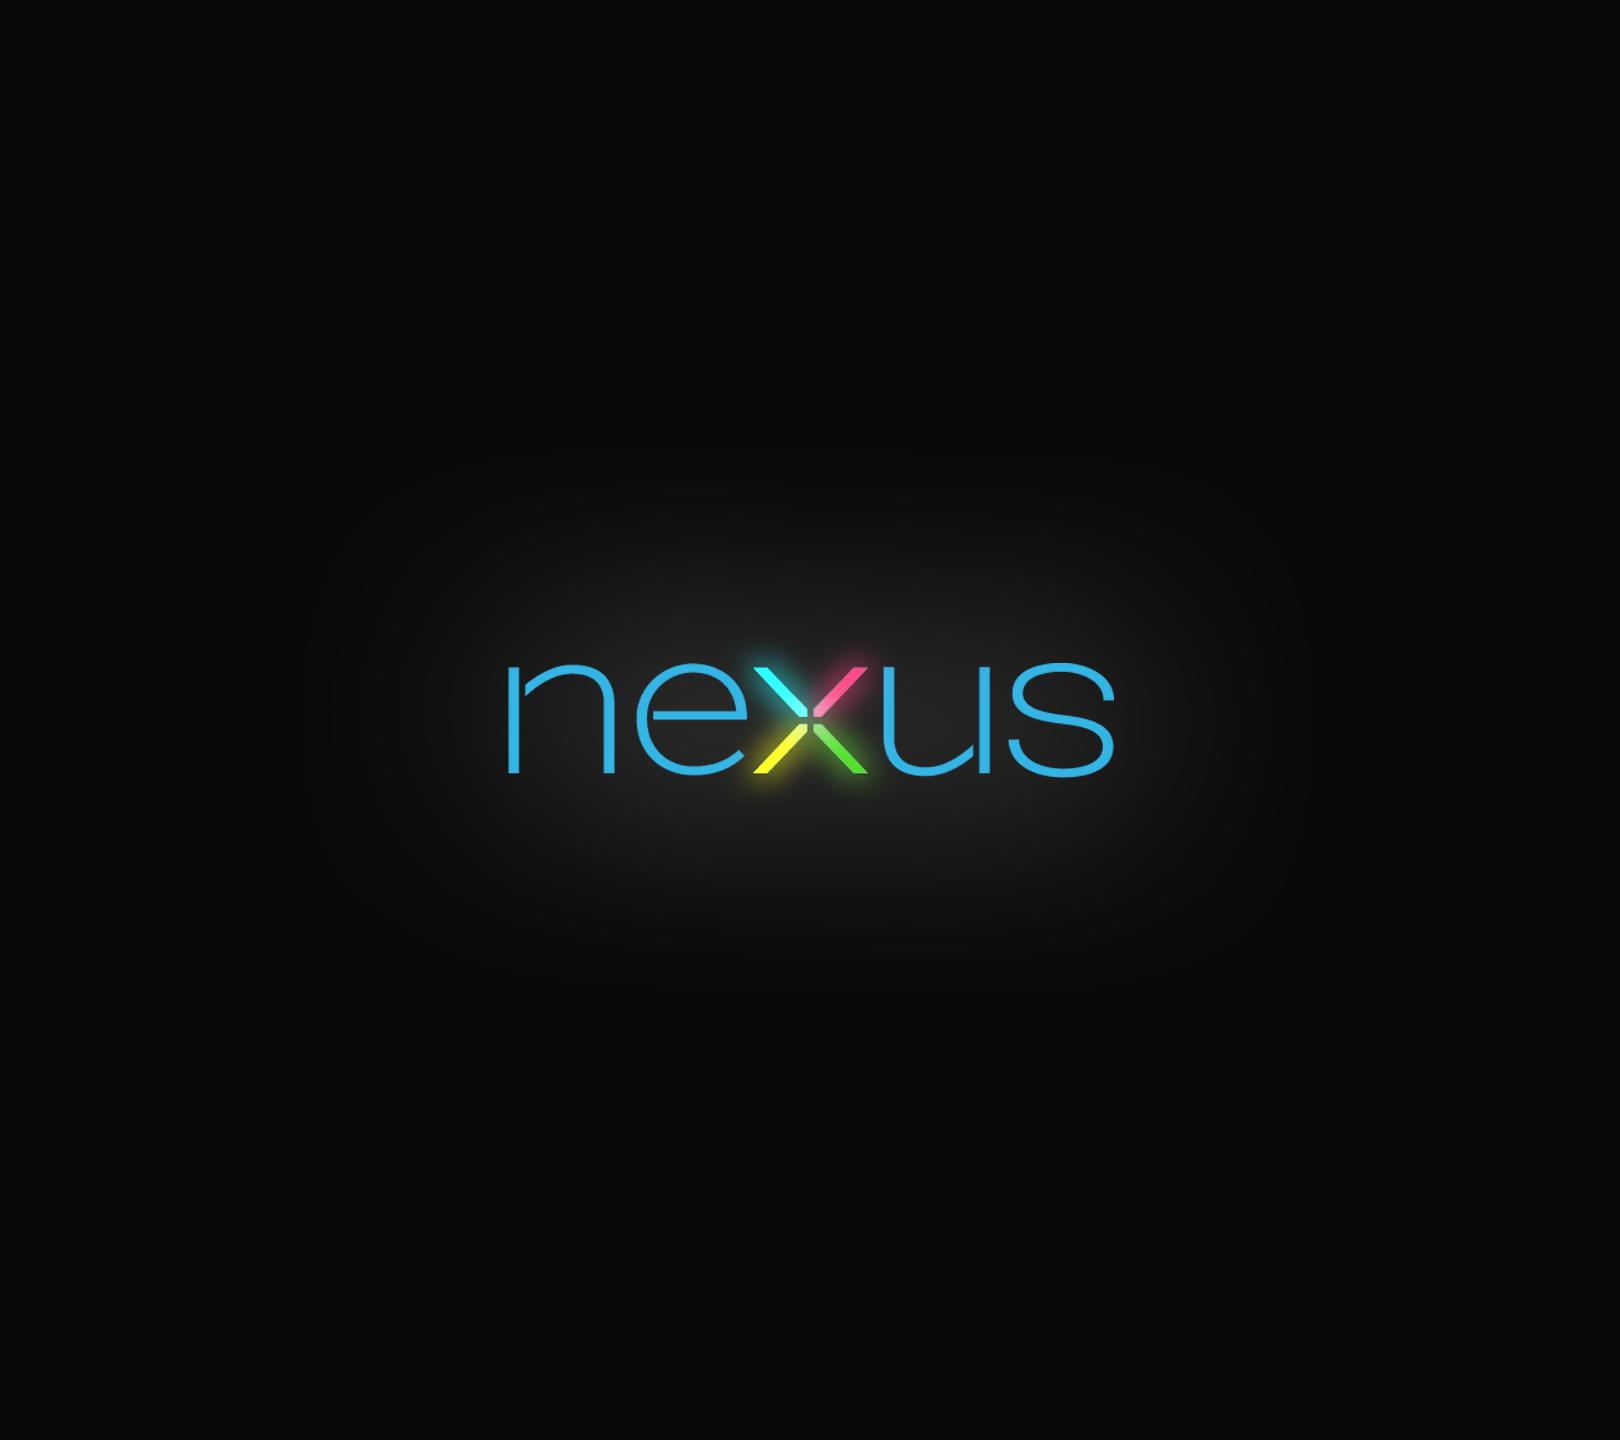 download Nexus Android HD Wallpaper Desktop 6283 Wallpaper 1620x1440